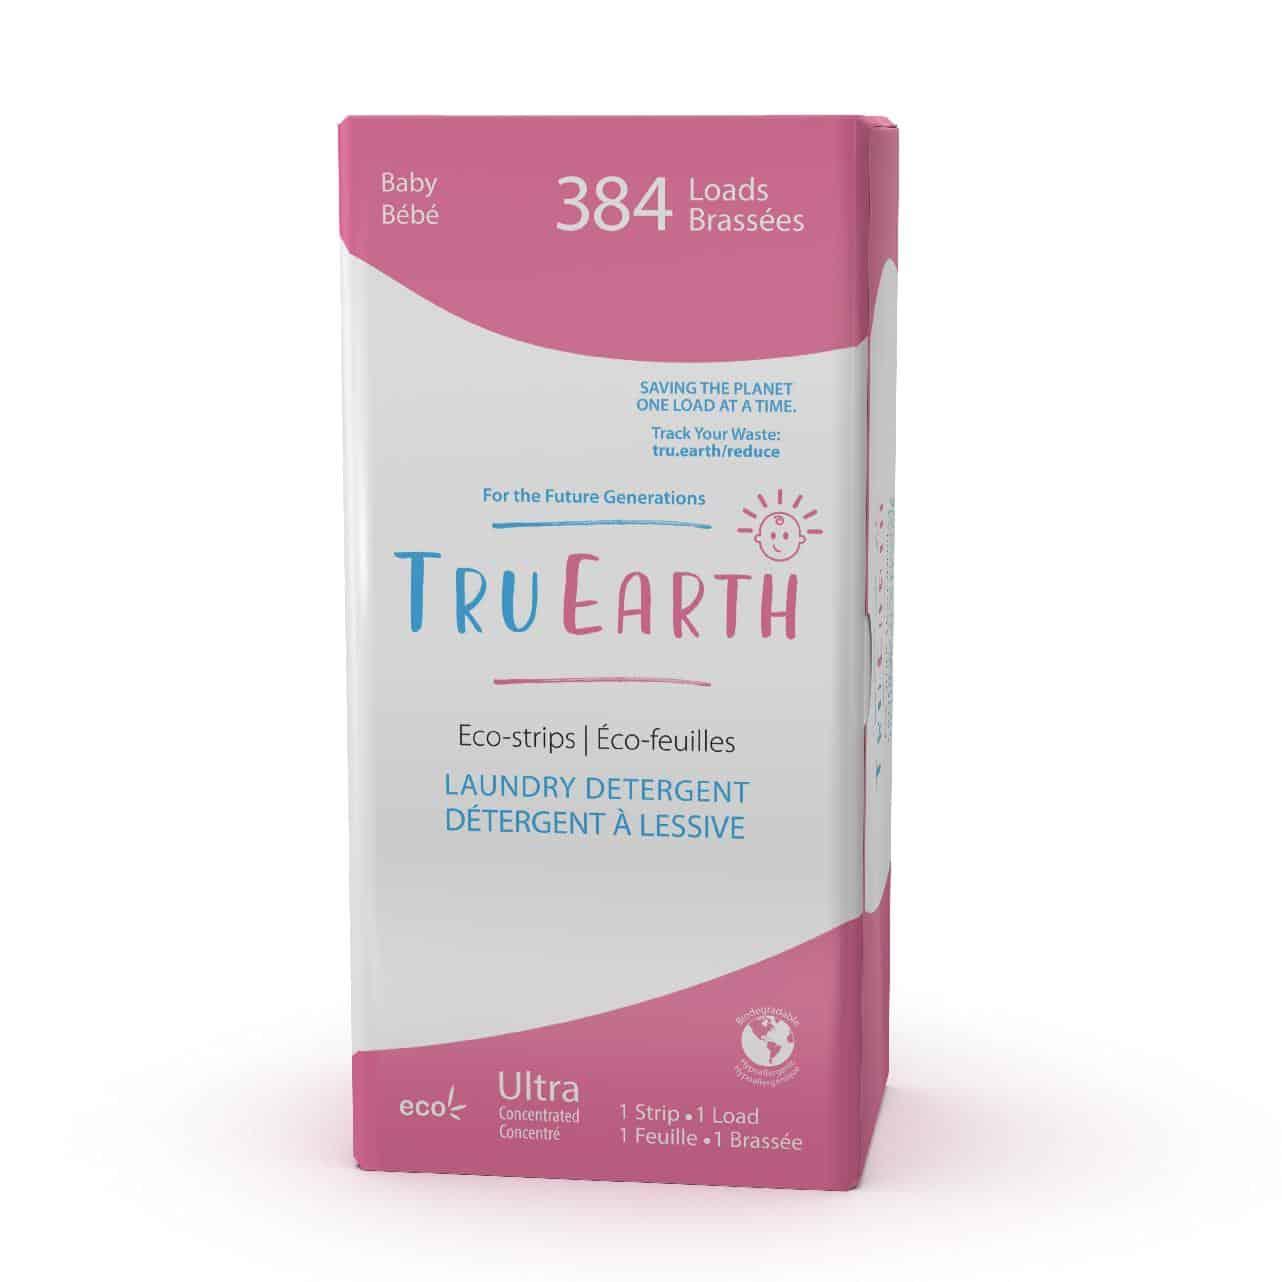 Tru Earth - Tru Earth Eco-strips Laundry Detergent (Baby) – 384 Loads | NOW: $149.00